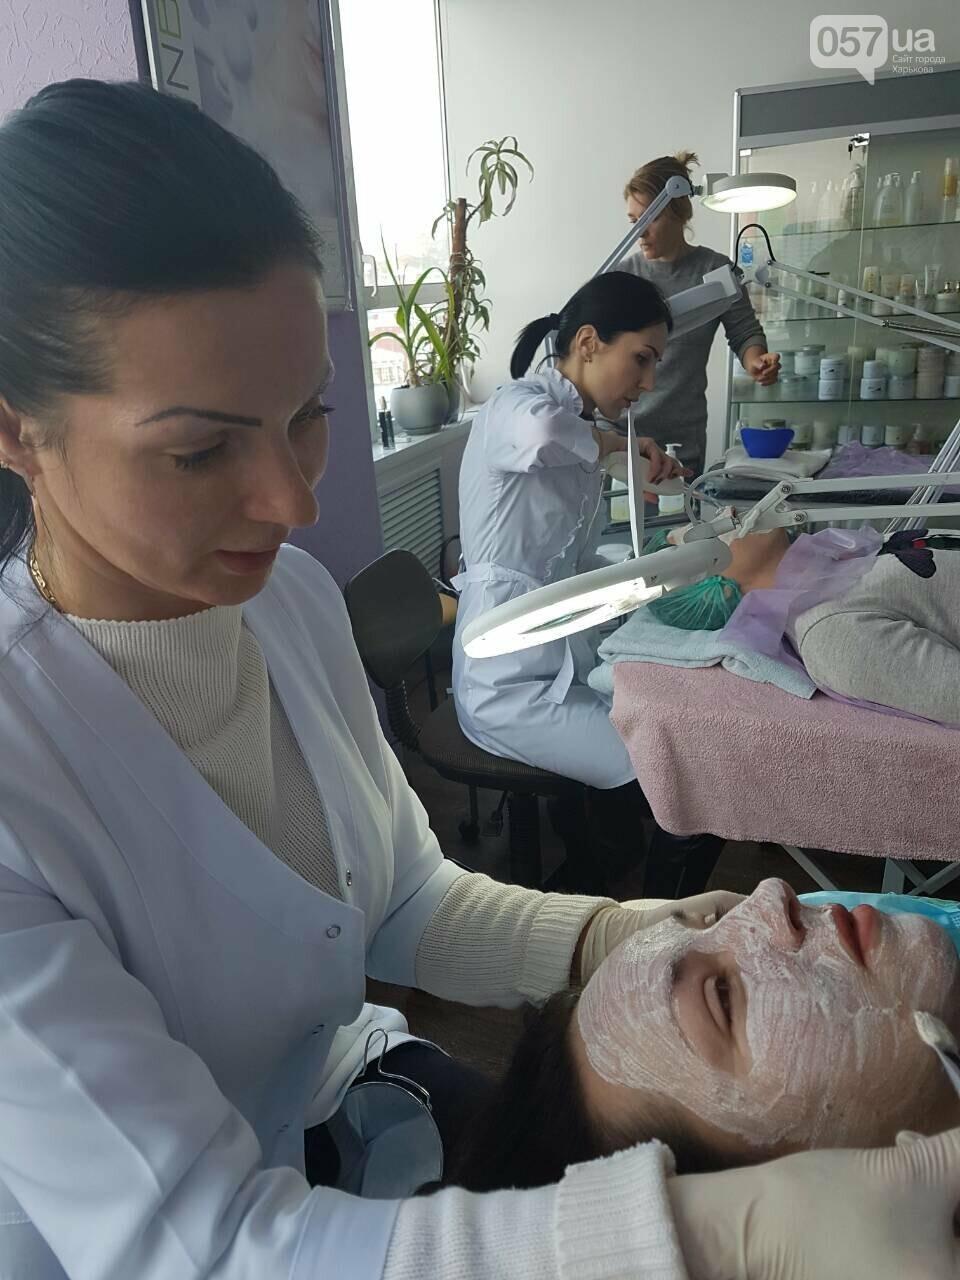 Школа косметологии Татьяны Пыхтиной и обучающий центр Profcosmetic